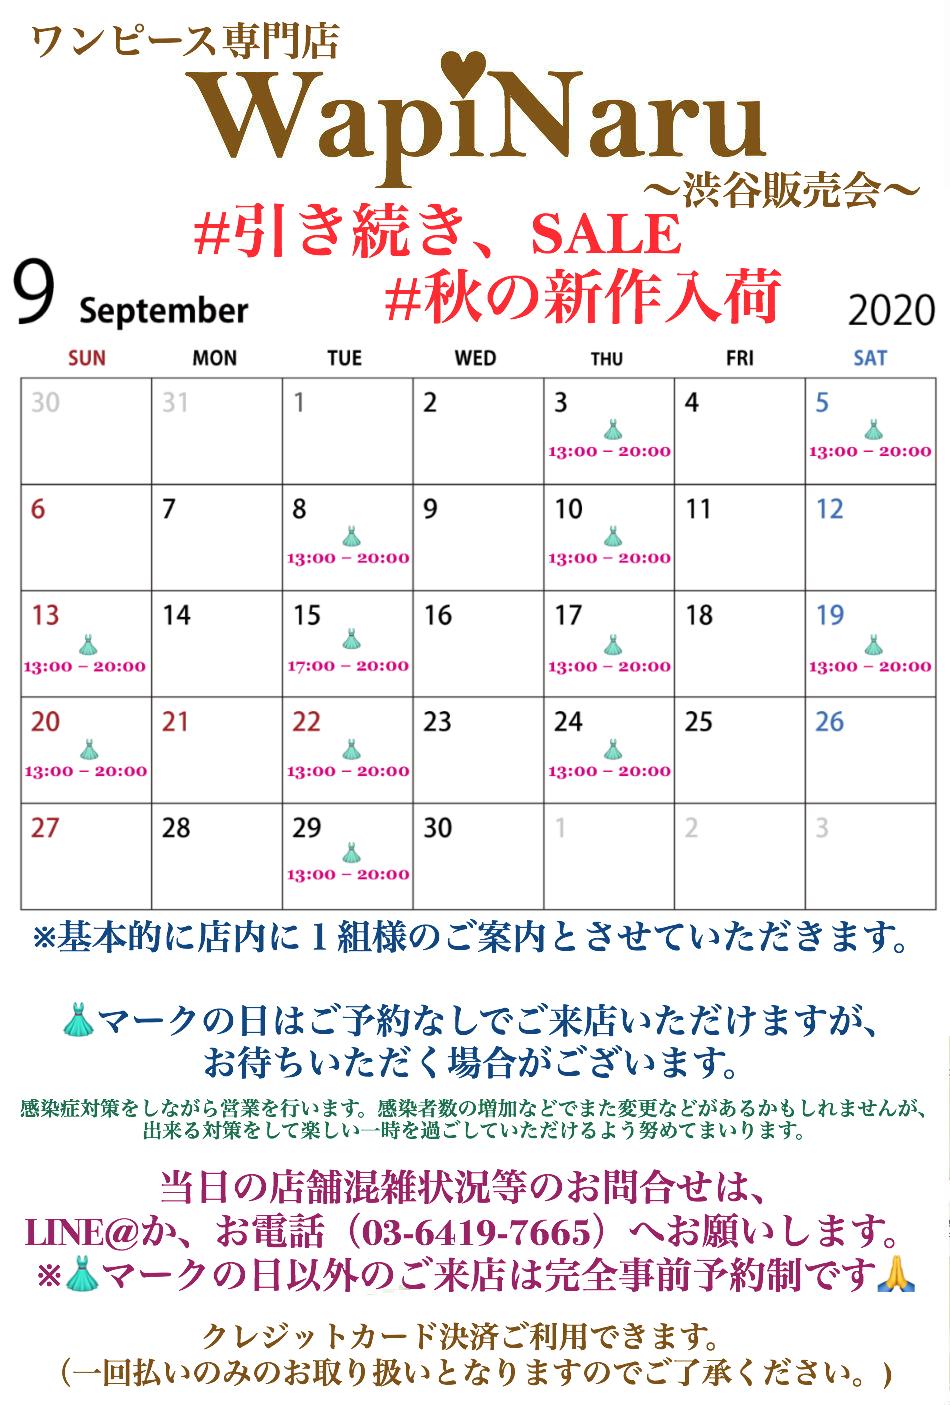 2020年9月 渋谷販売会